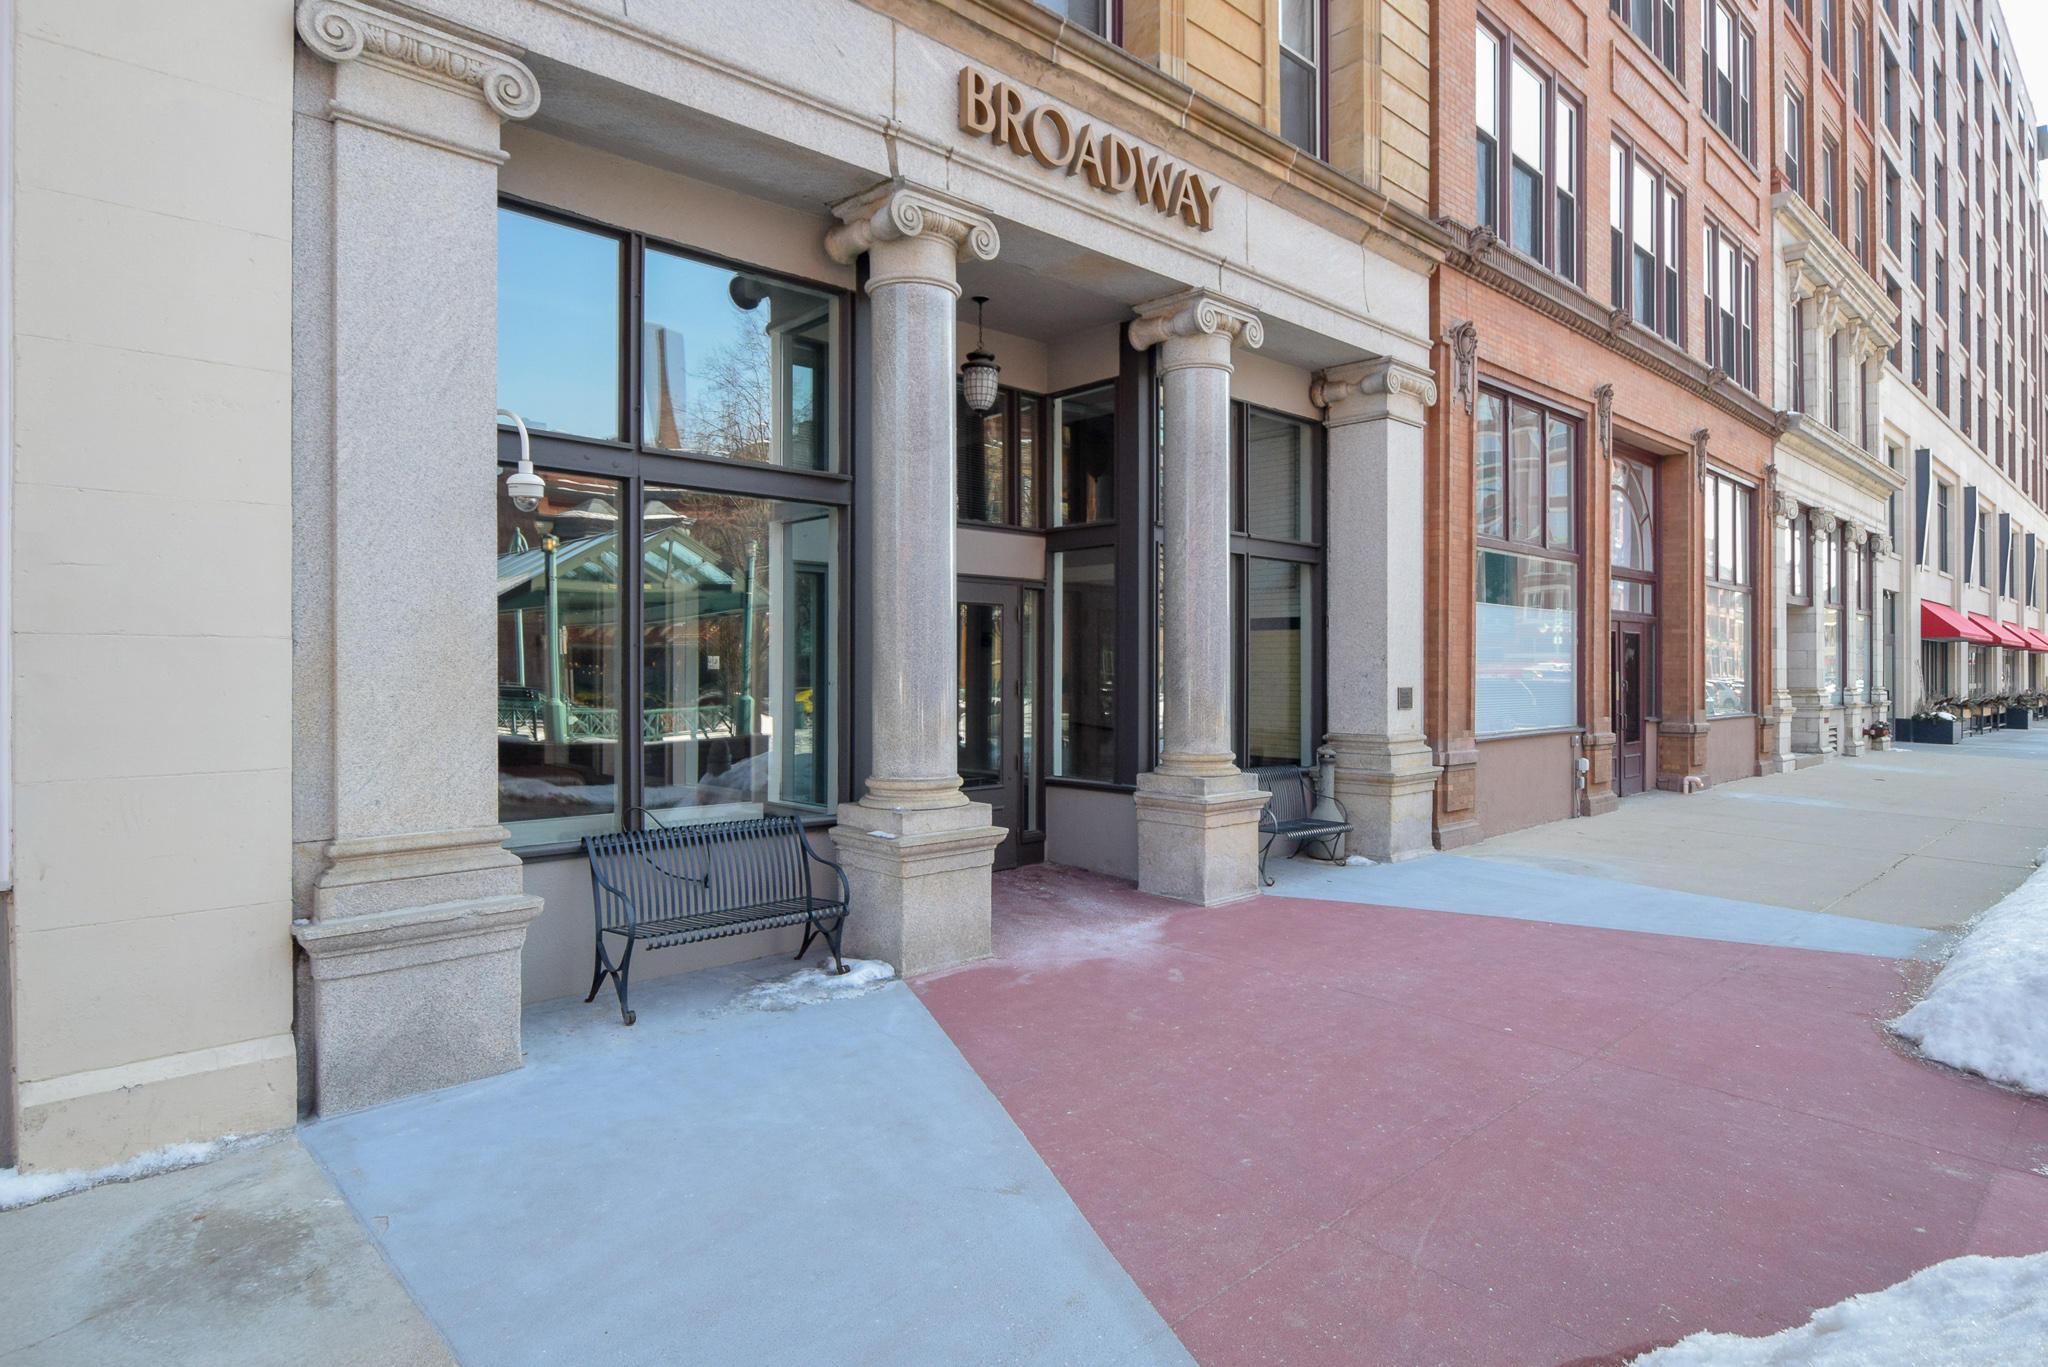 234 Broadway, Milwaukee, Wisconsin 53202, 1 Bedroom Bedrooms, ,1 BathroomBathrooms,Condominiums,For Sale,Broadway,1,1623823